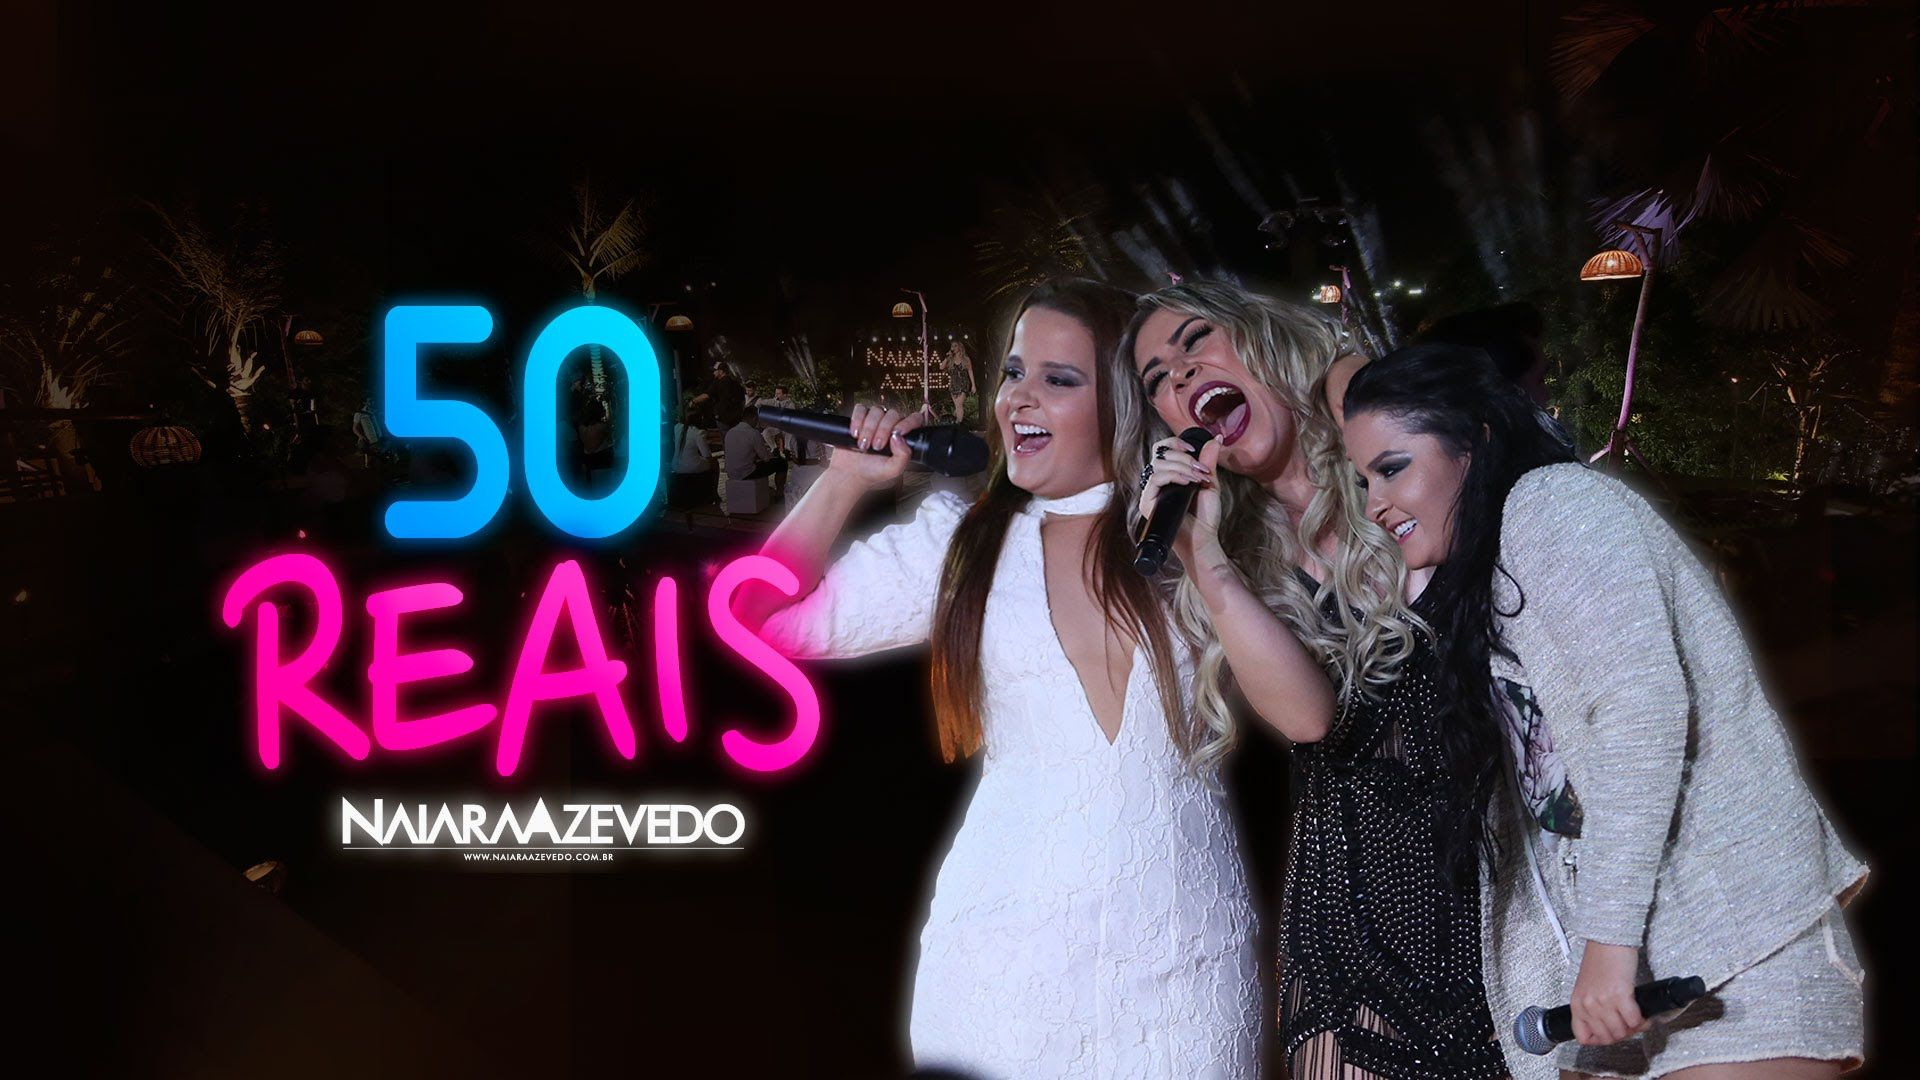 Naiara Azevedo Ft Maiara E Maraisa 50 Reais Musicas